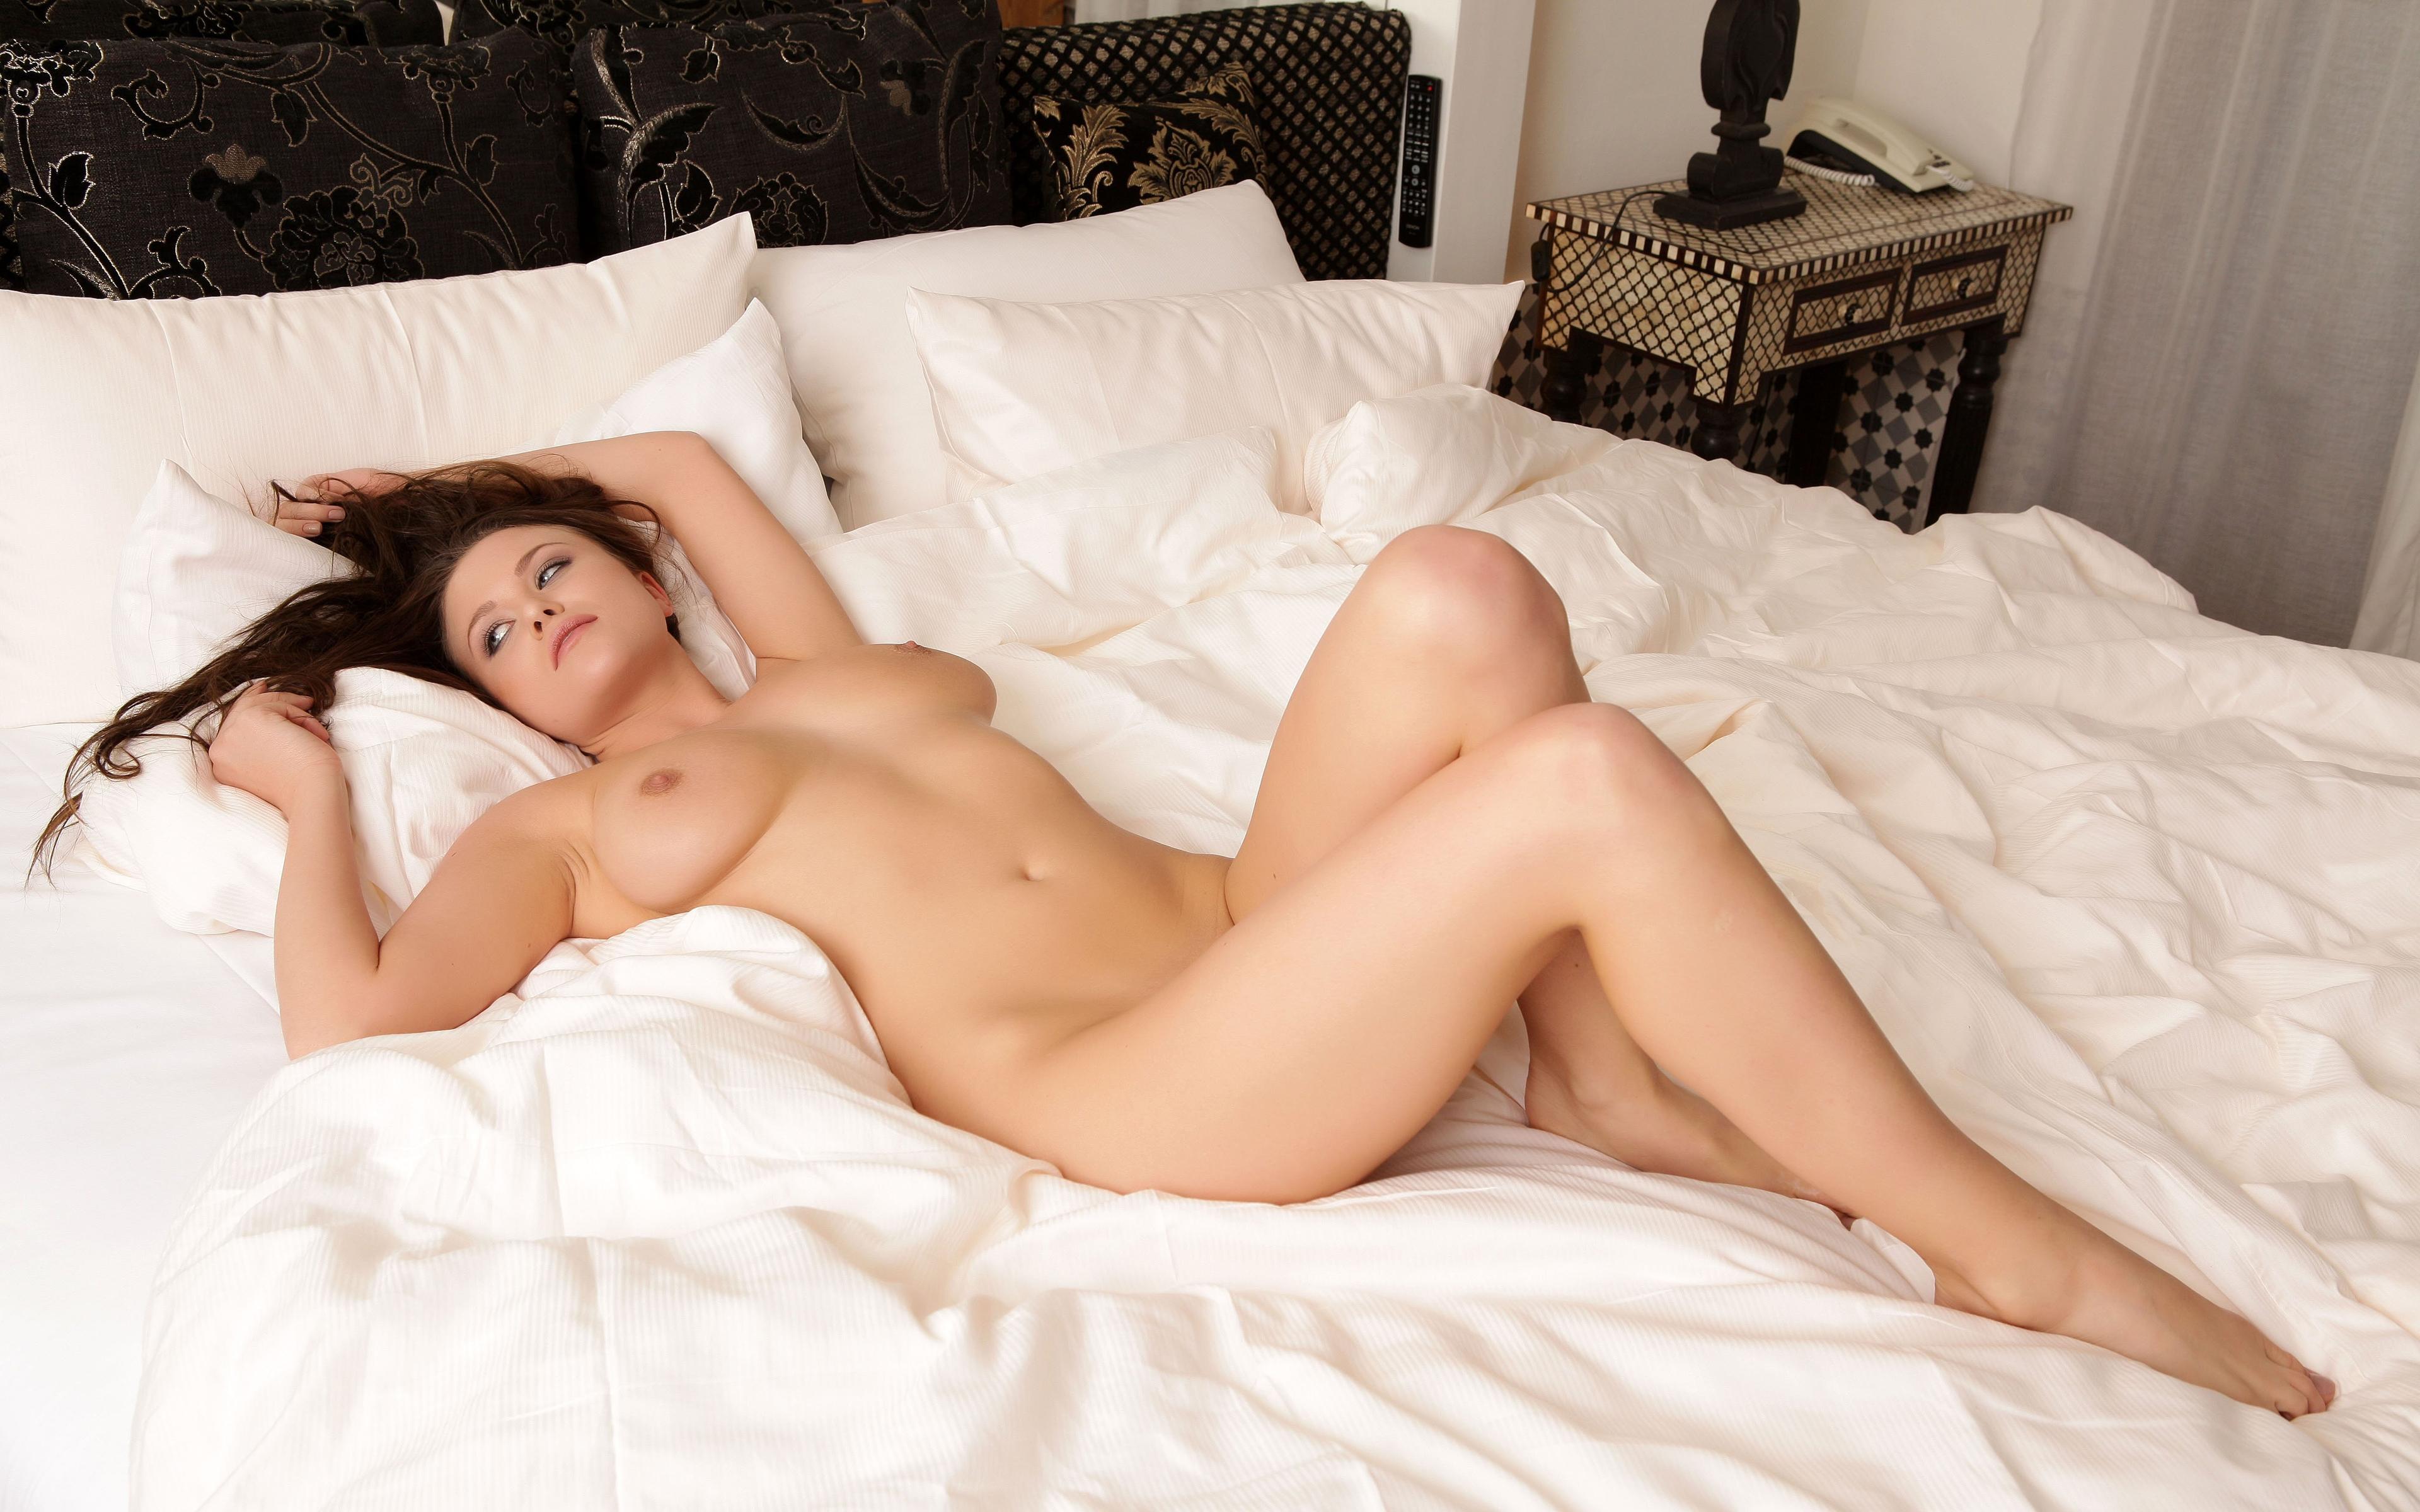 Фото эротика Частное фото голых девушек и женщин